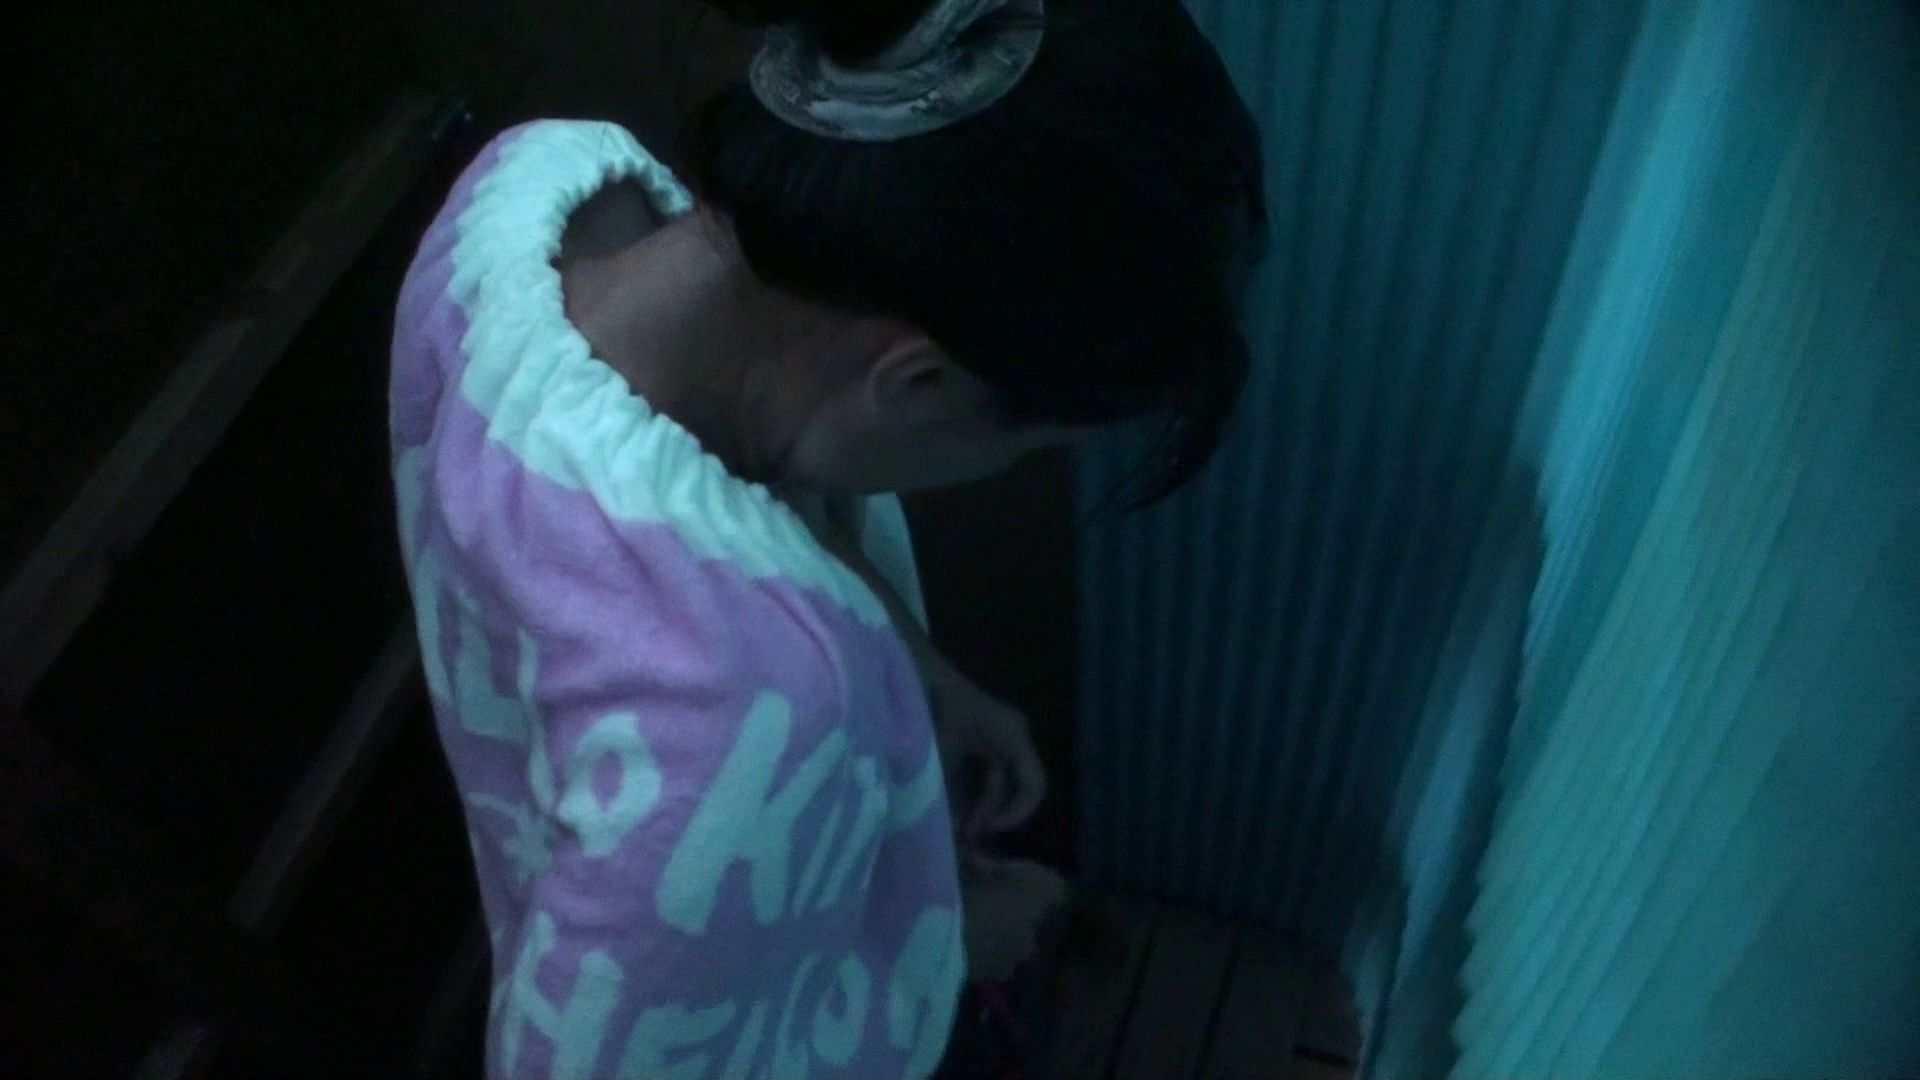 シャワールームは超!!危険な香りVol.26 大学生風美形ギャル 暗さが残念! シャワー 盗み撮りAV無料動画キャプチャ 86pic 38